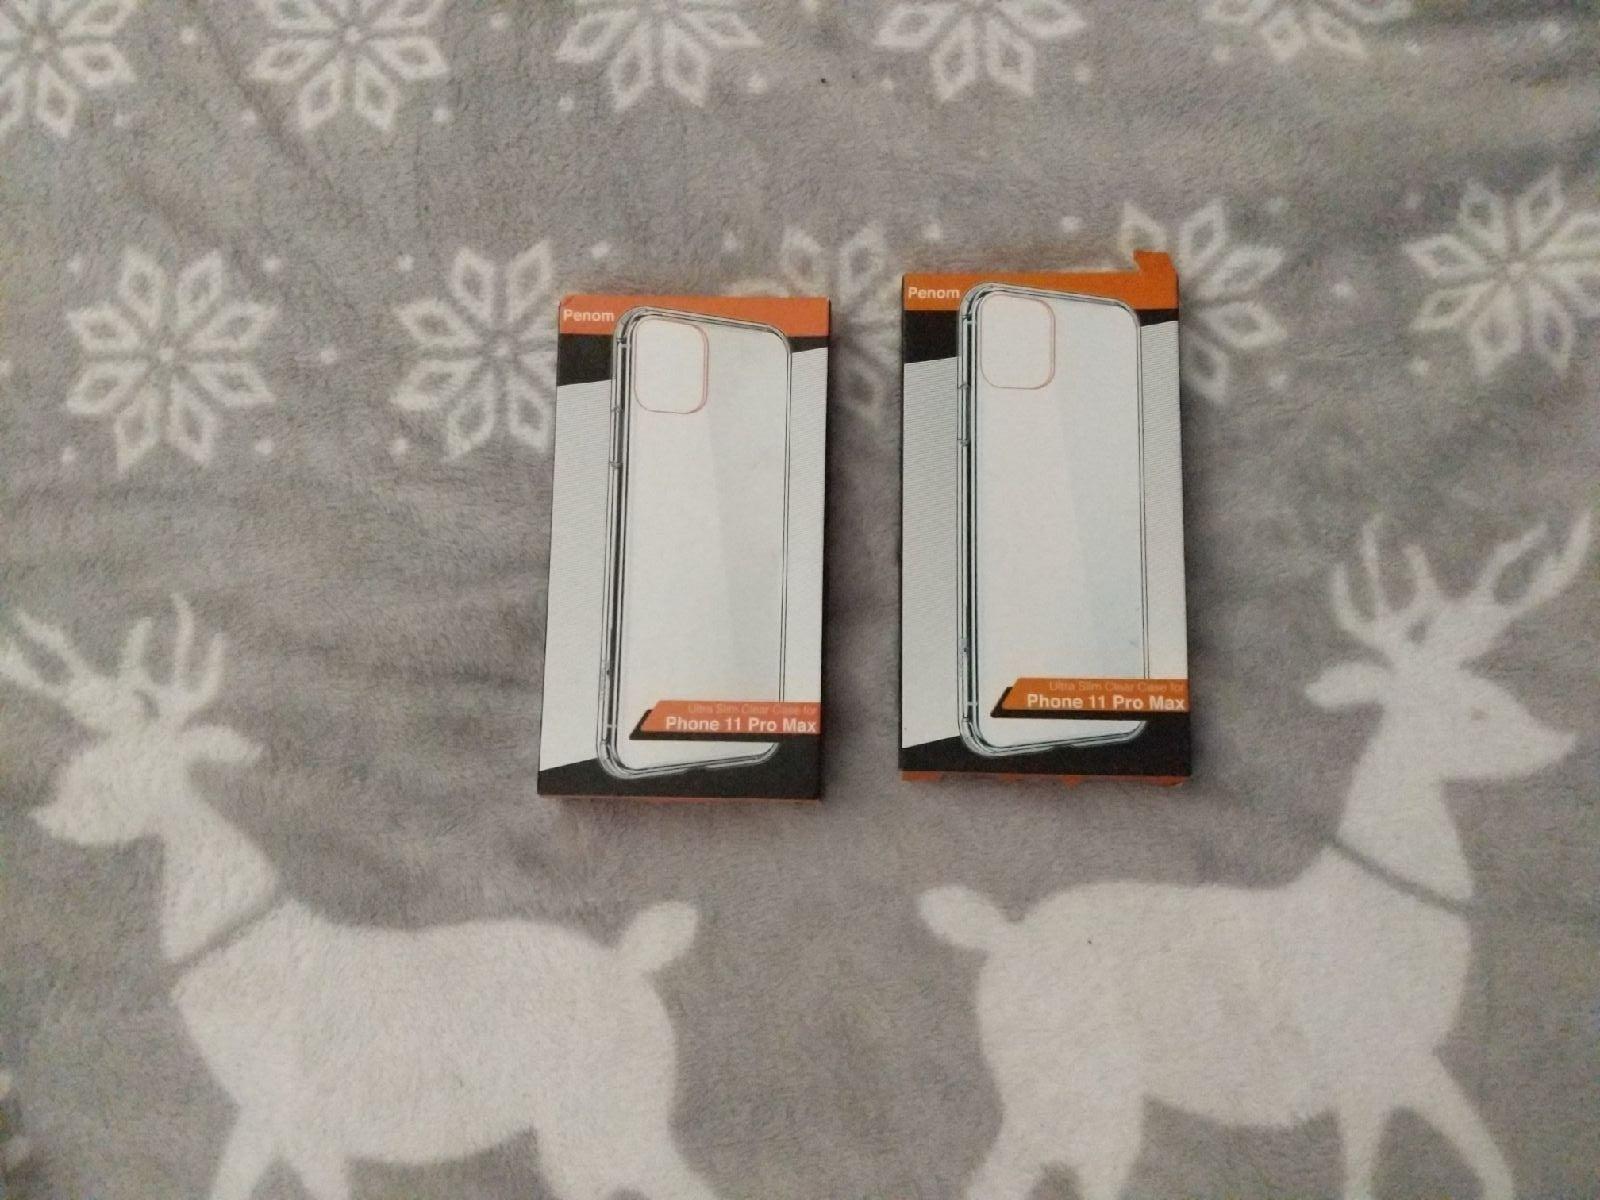 2 Penom Apple iPhone 11 Pro Max Cases